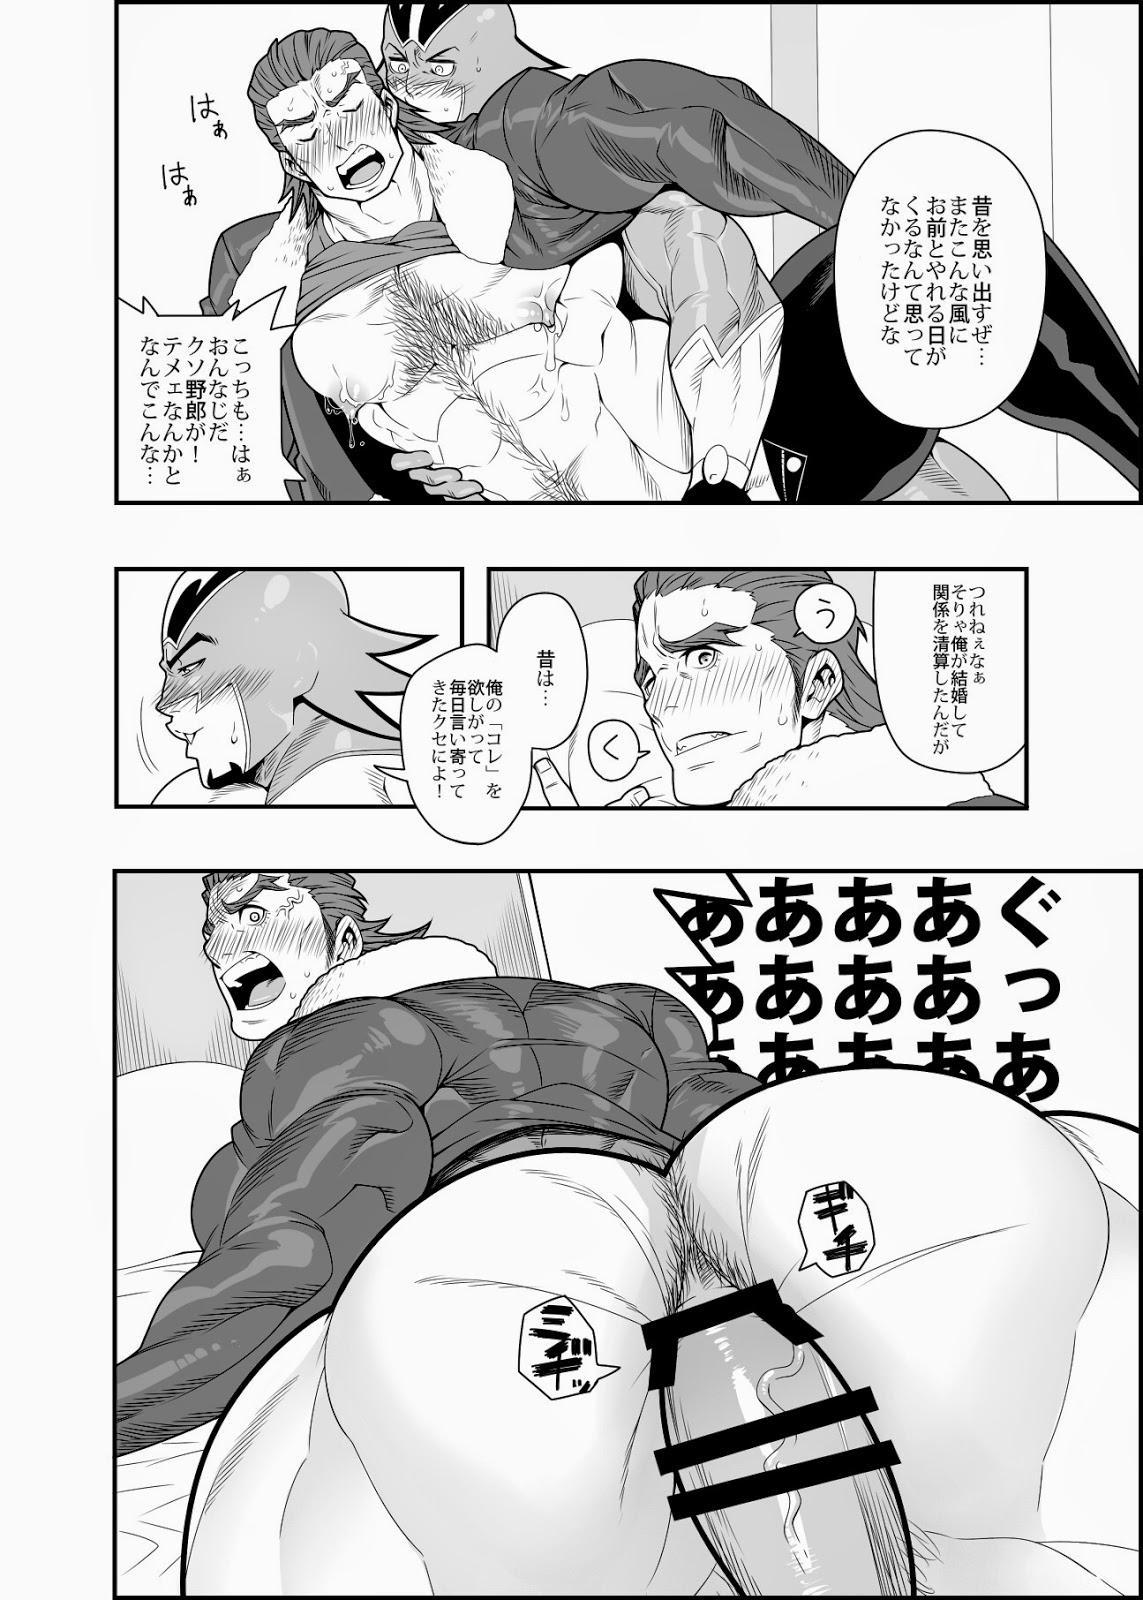 Gyuu-san no ichibanshibori 7